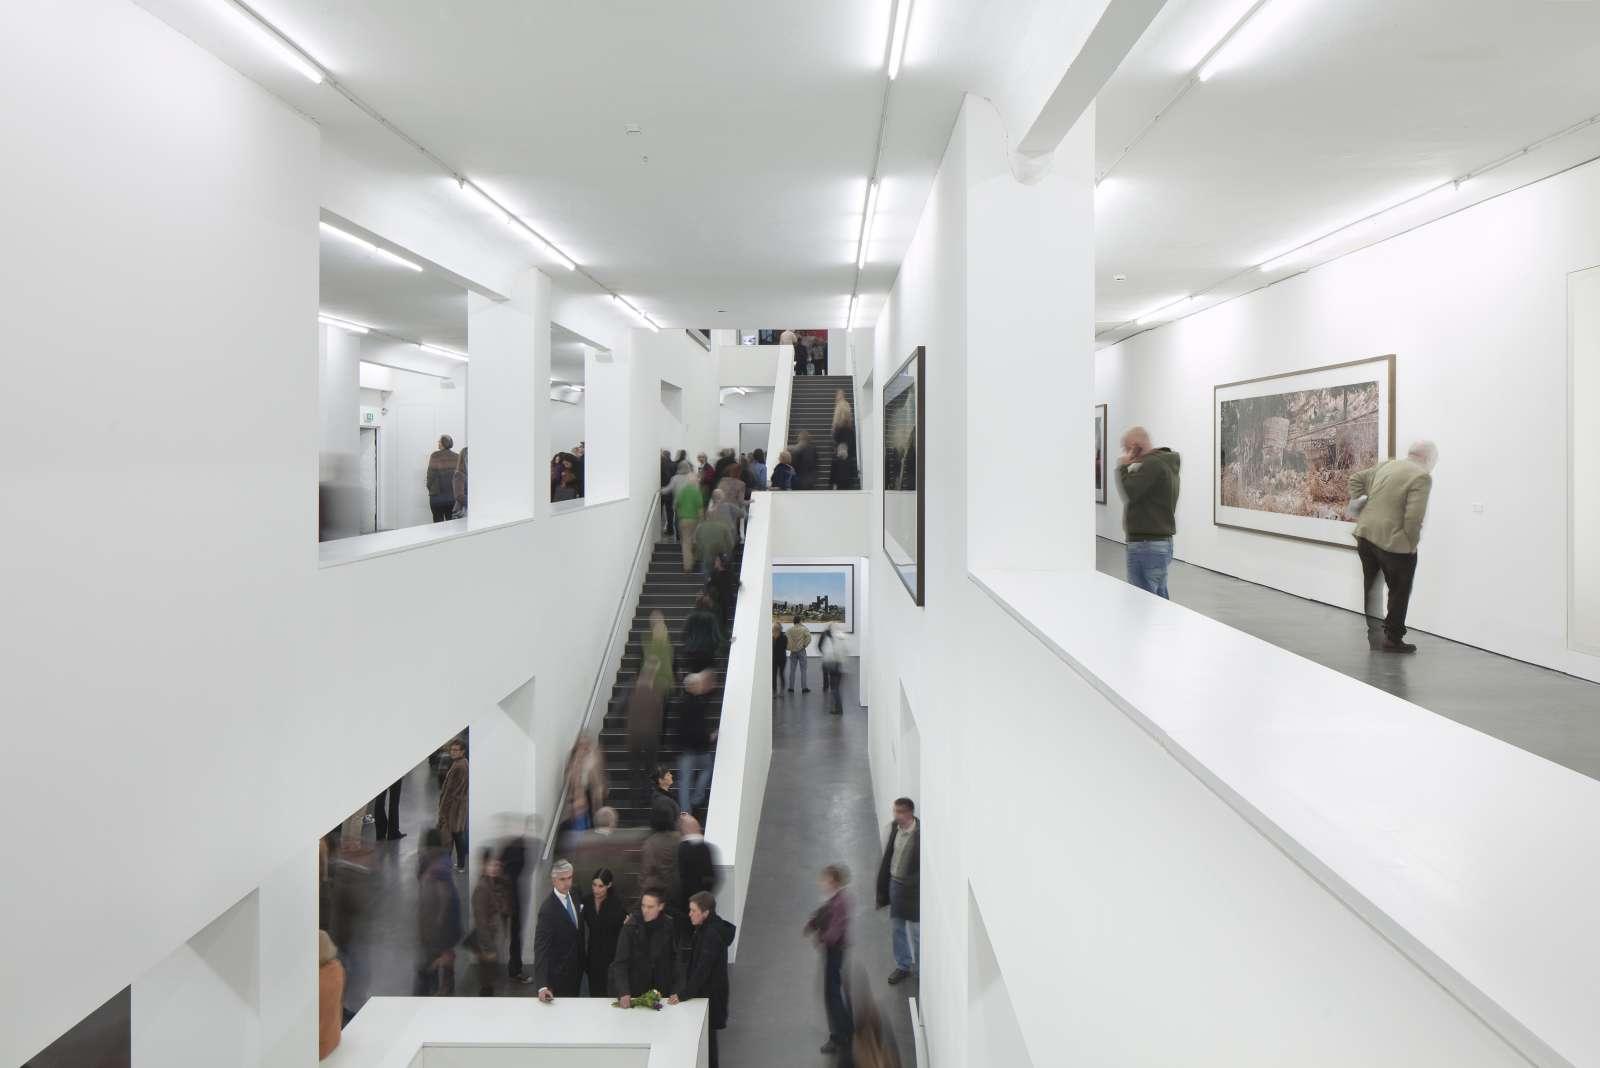 Innenansicht Sammlung Falckenberg - Deichtorhallen Hamburg während der Ausstellung von WIM WENDERS.